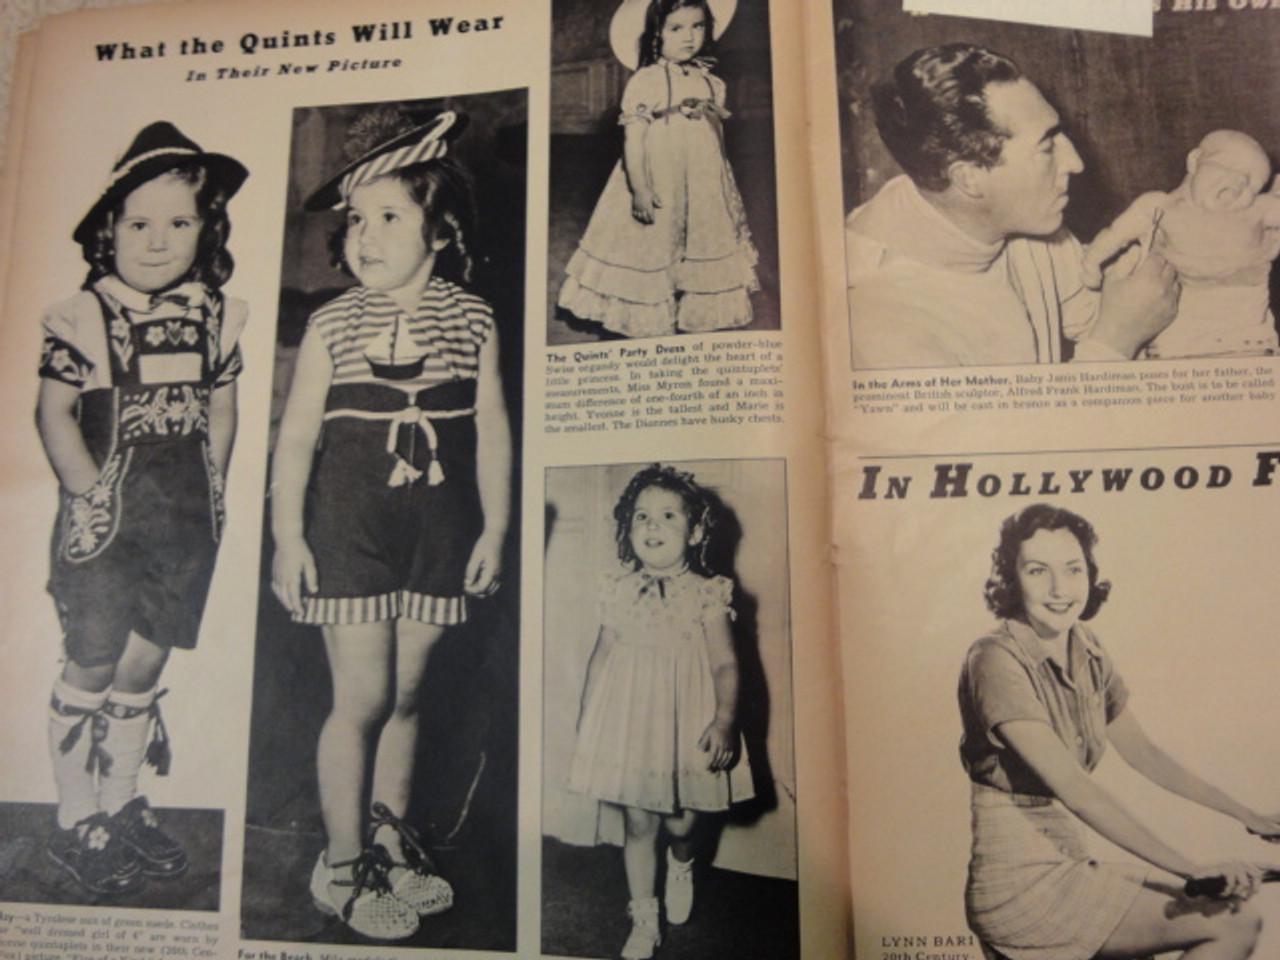 Dionne, Cecile Look Magazine 1938 Signed Autograph Color Cover Photo Dionne Quintuplets